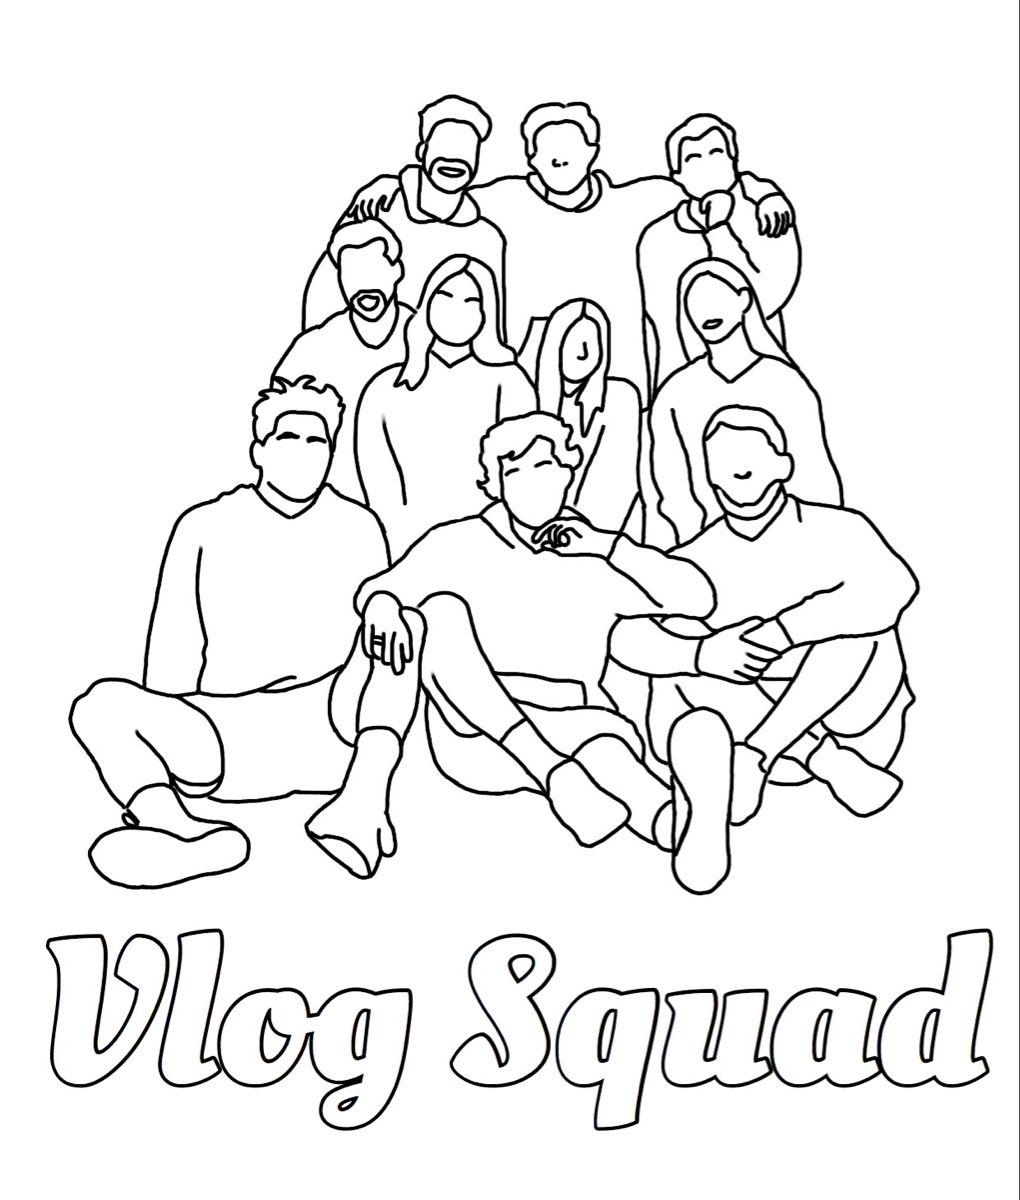 Jj Jenniferjoann Tiktok Vlog Squad Coloring Pages Cute Coloring Pages